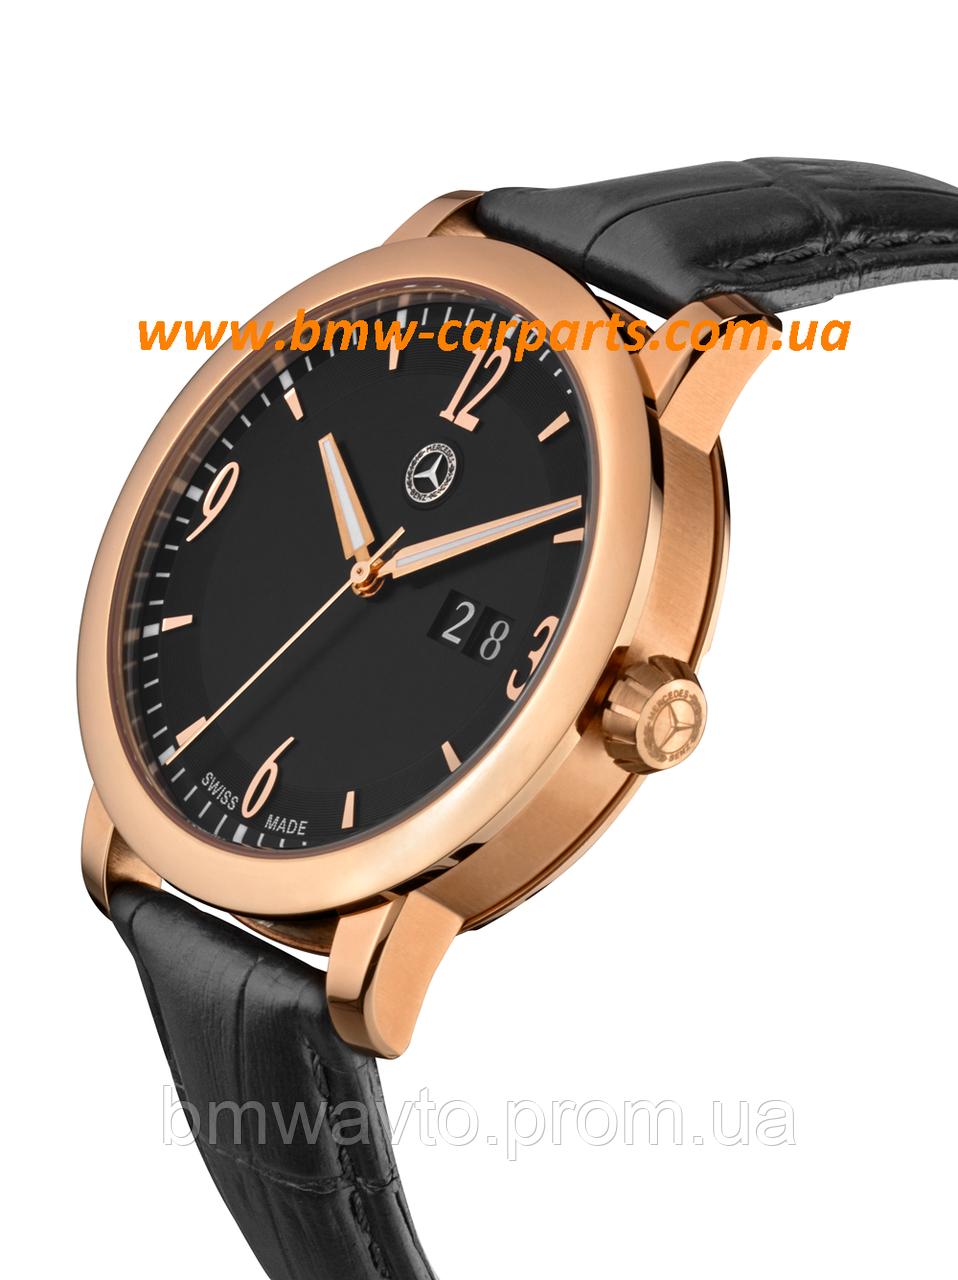 Мужские наручные часы Mercedes-Benz Men's Watch, Classic Gold Mark 2